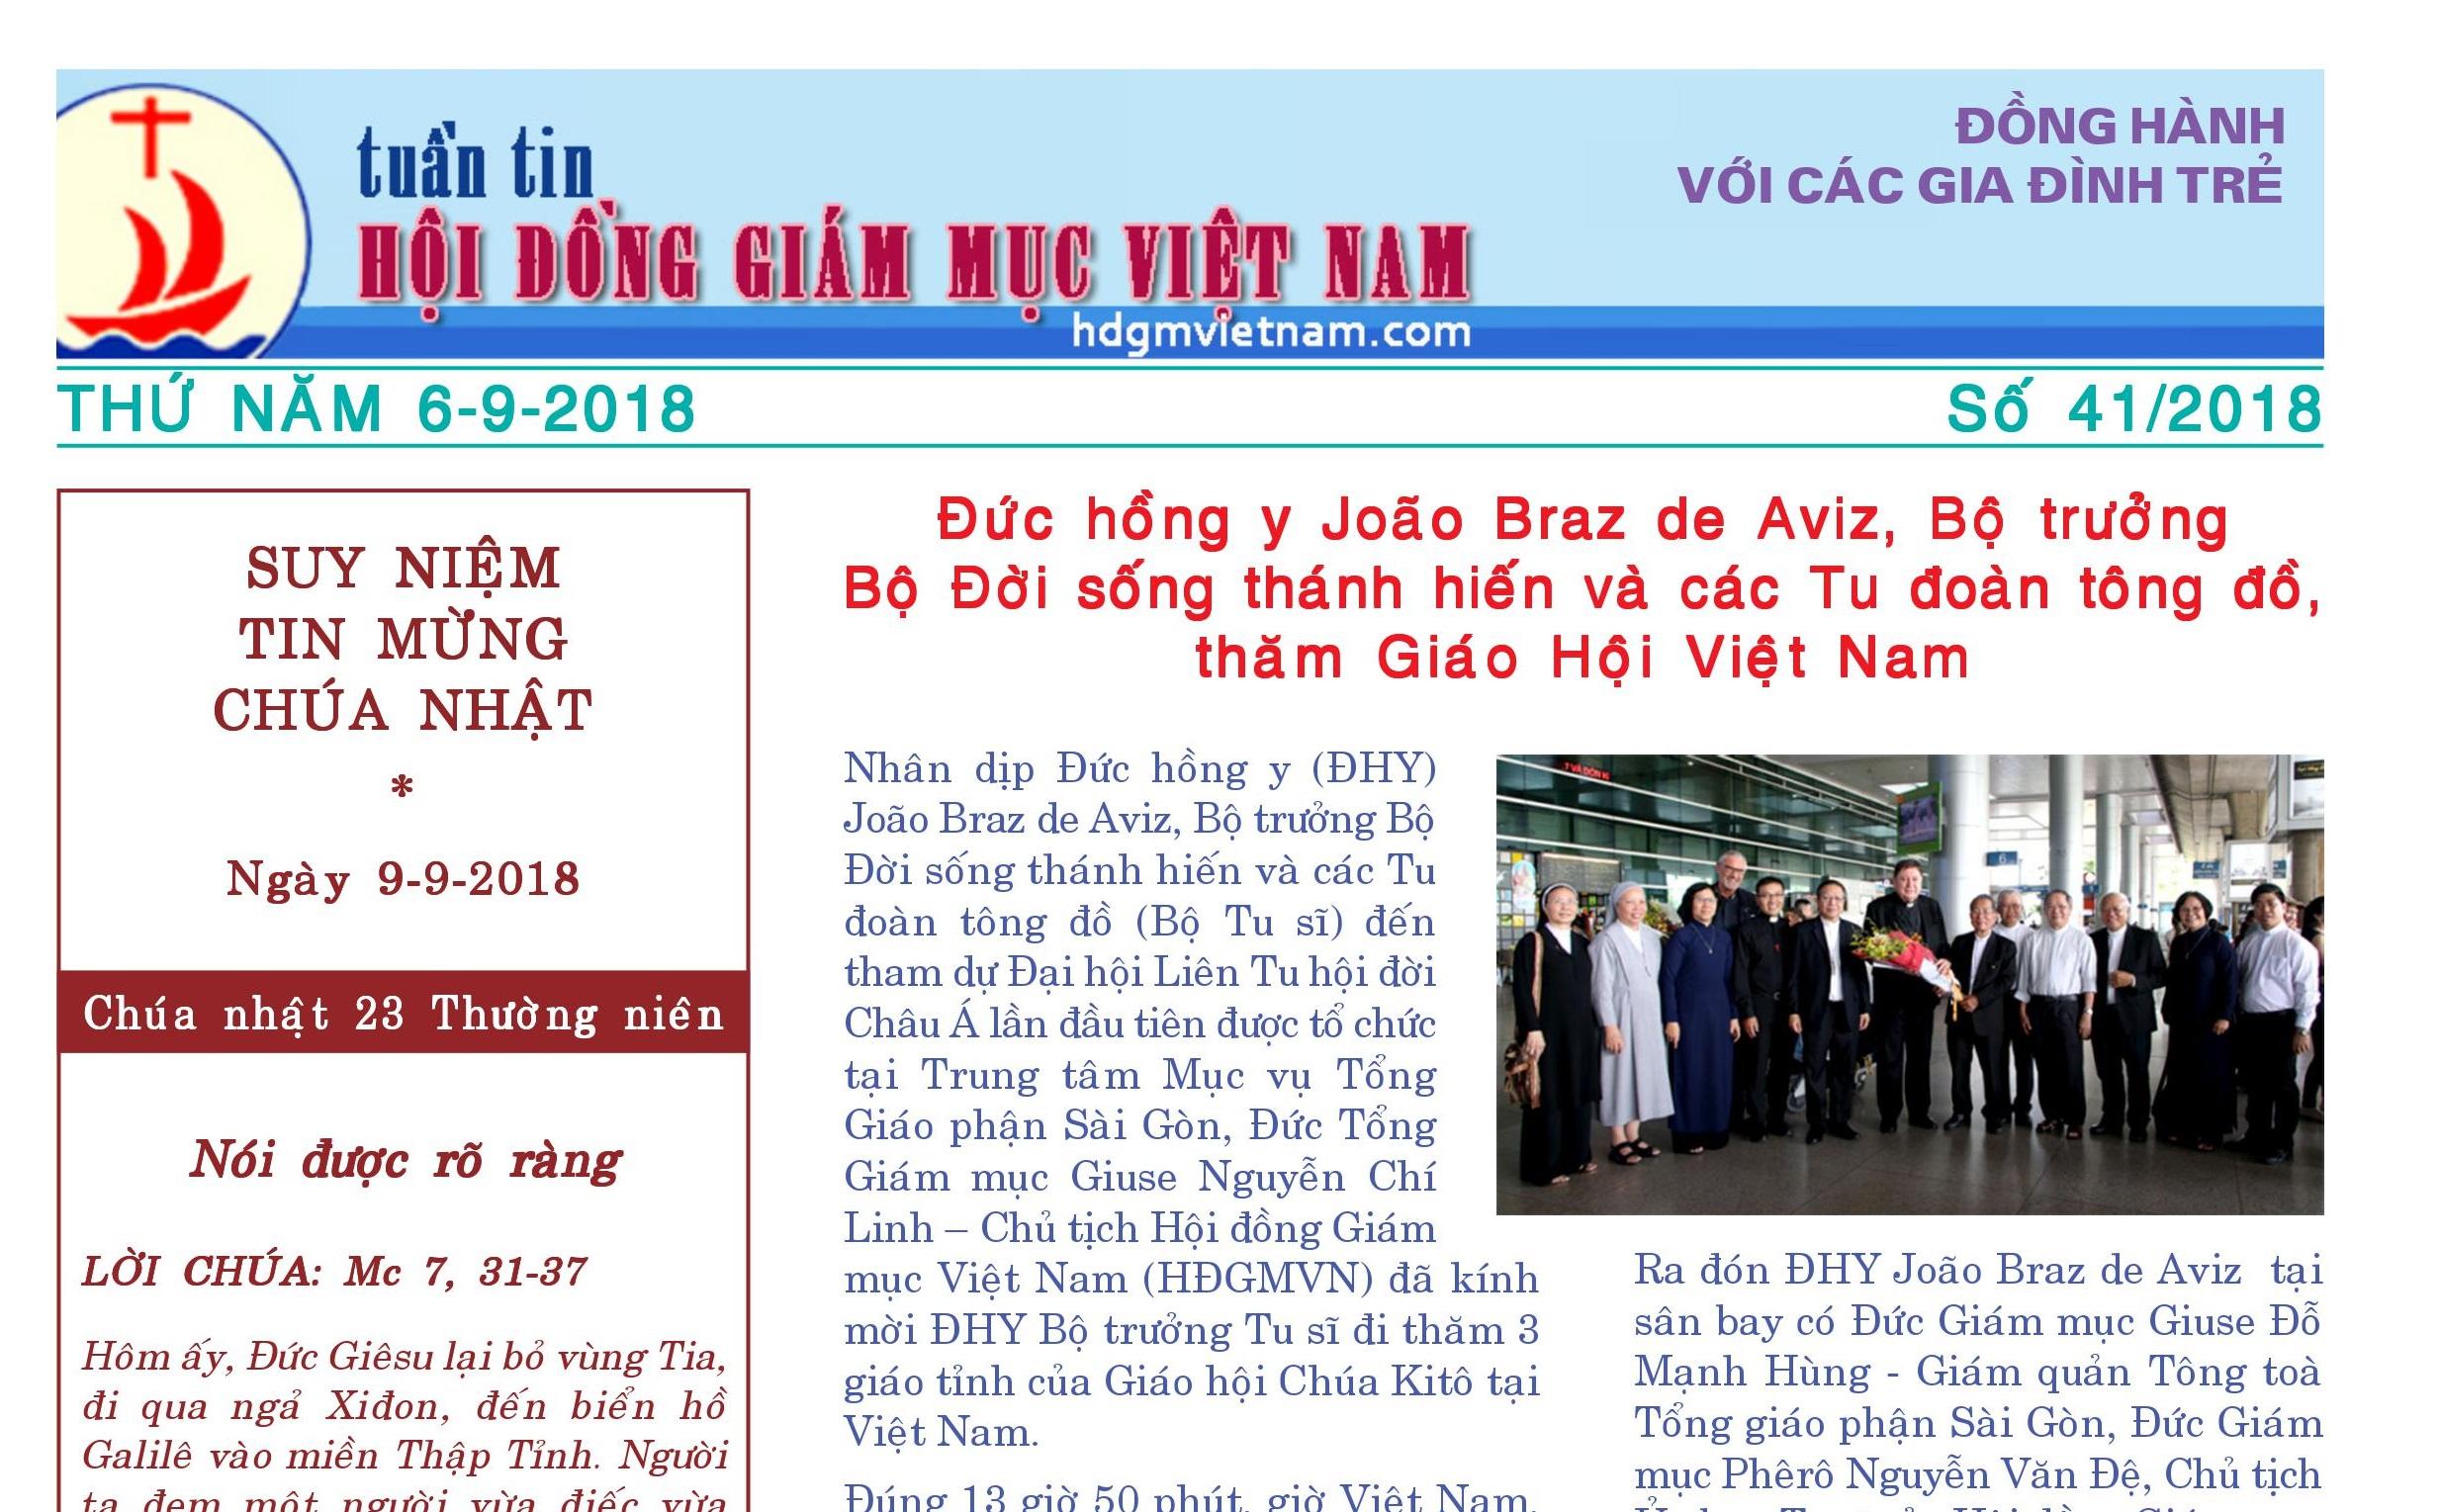 Tuần tin Hội đồng Giám mục Việt Nam số 41/2018